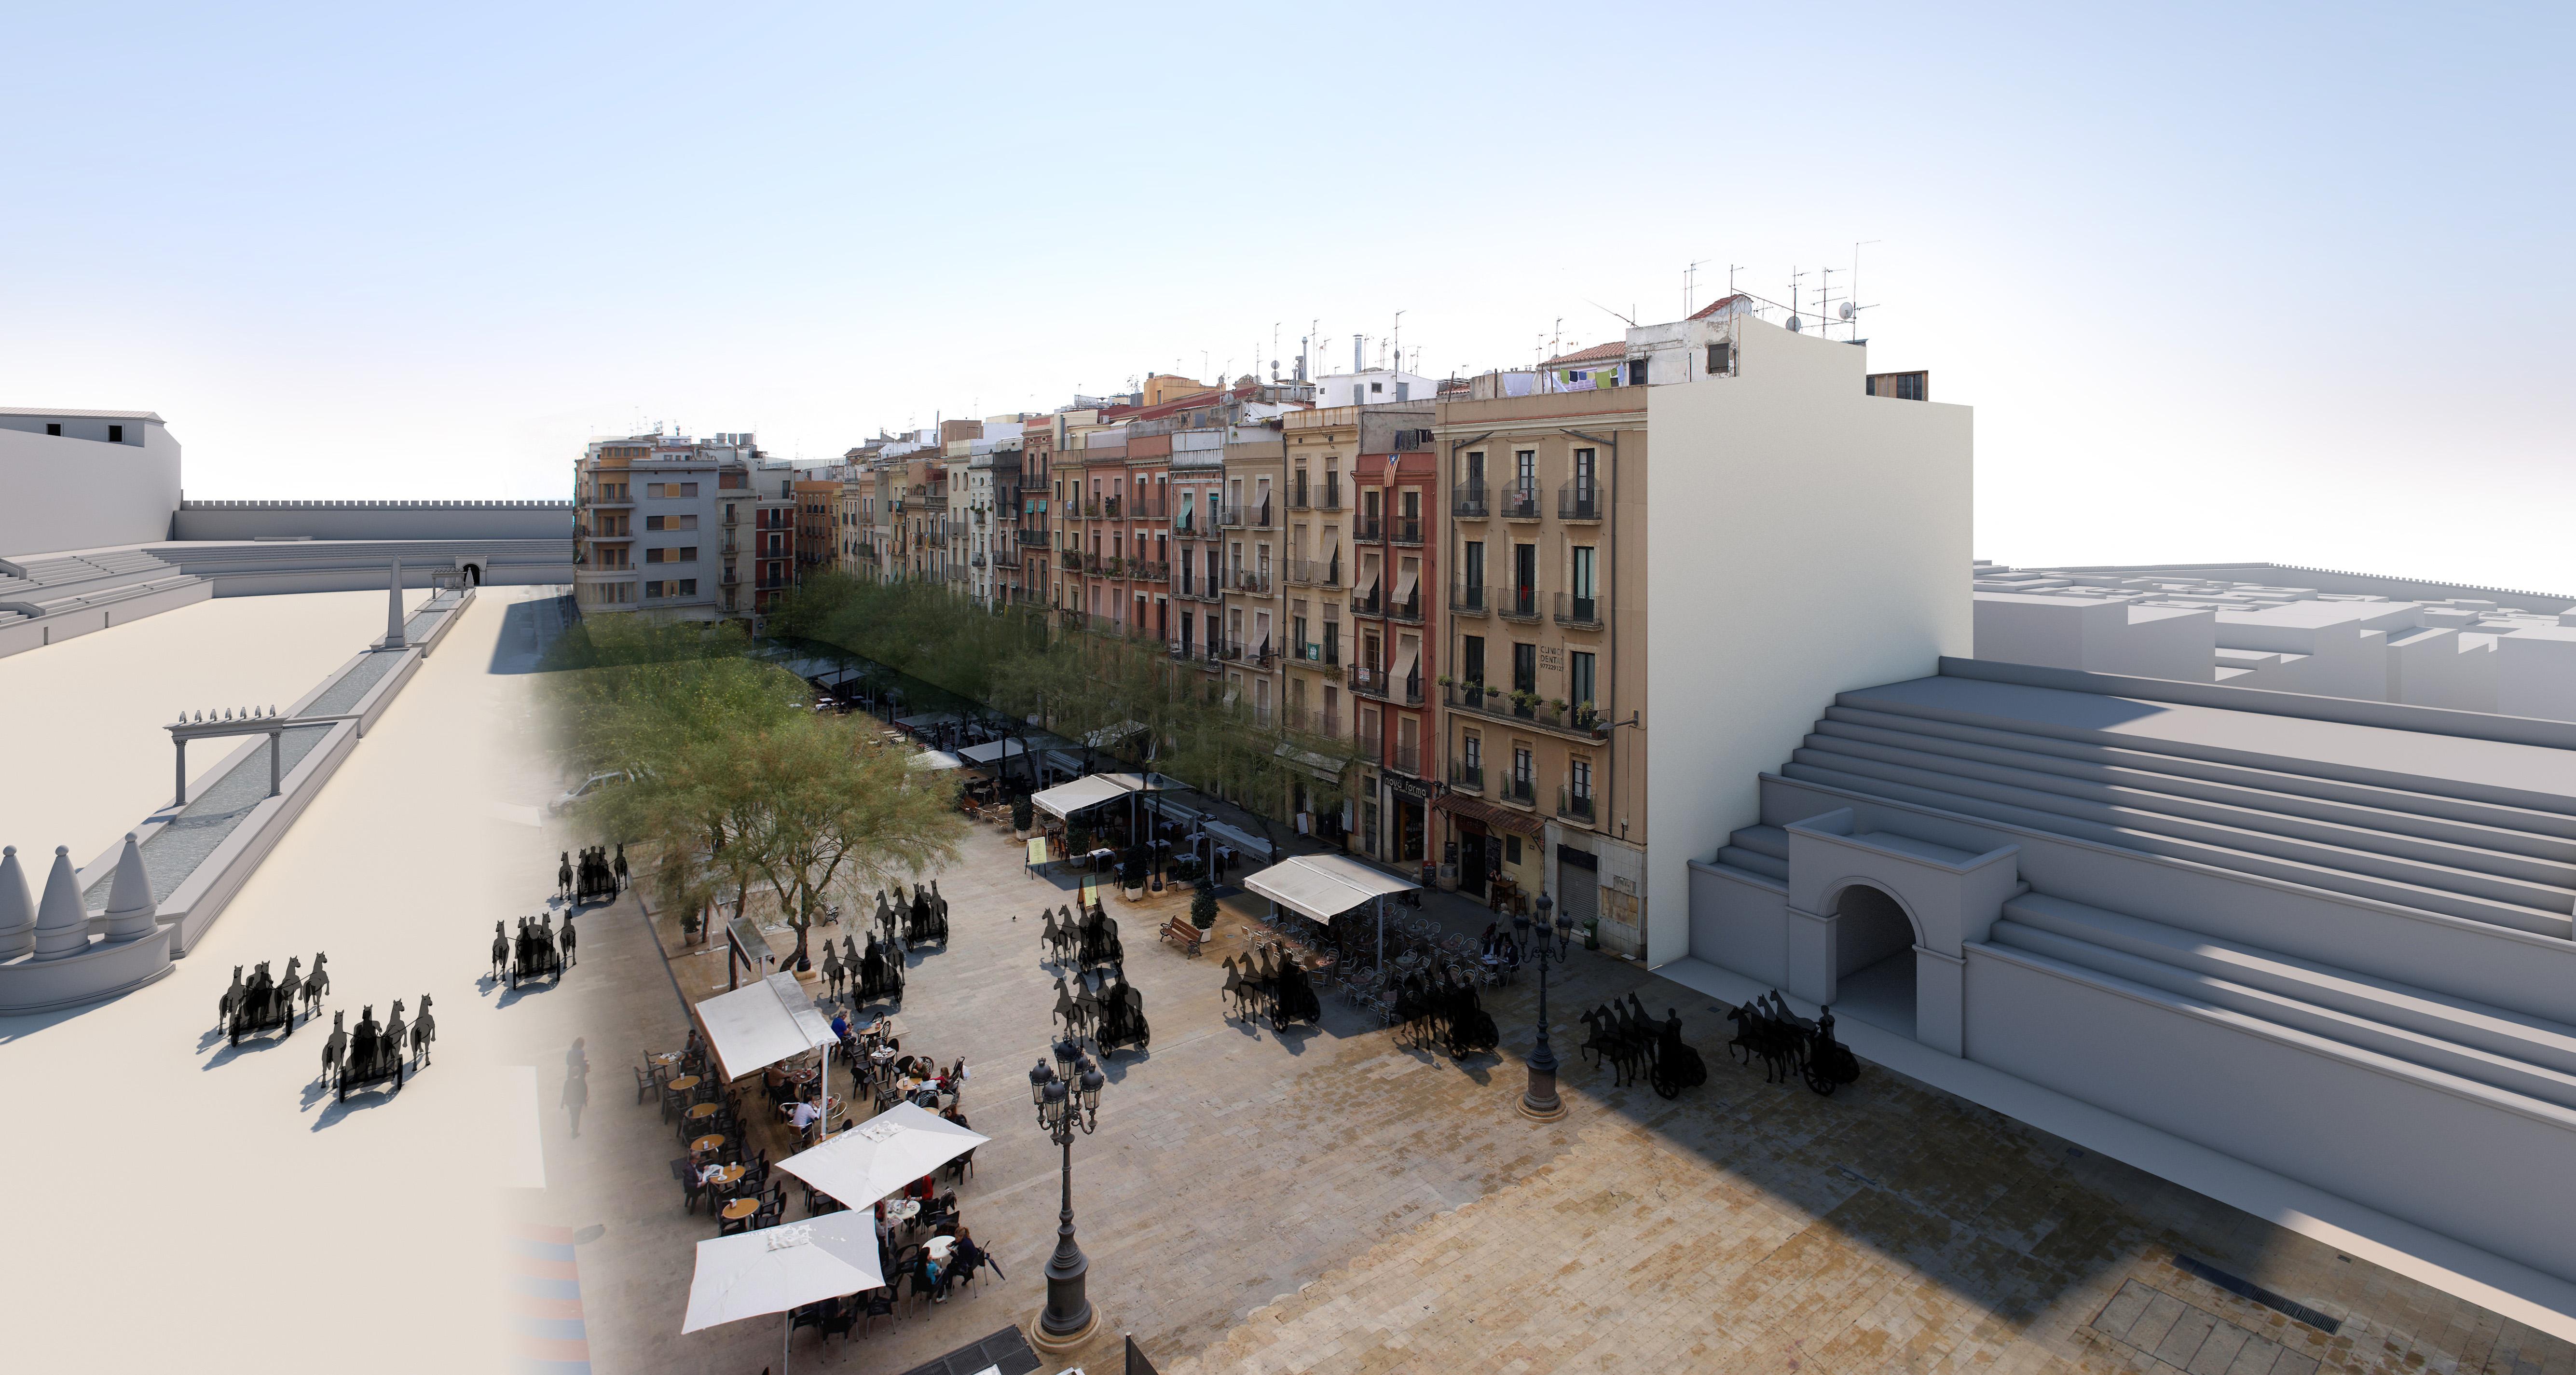 Reconstrucció virtual de les restes del circ i d'una cursa de carros al damunt de l'actual Plaça de la Font de Tarragona (Fotografia: Pepo Segura. Restitució i fotomuntatge: Ferran Gris / SETOPANT)